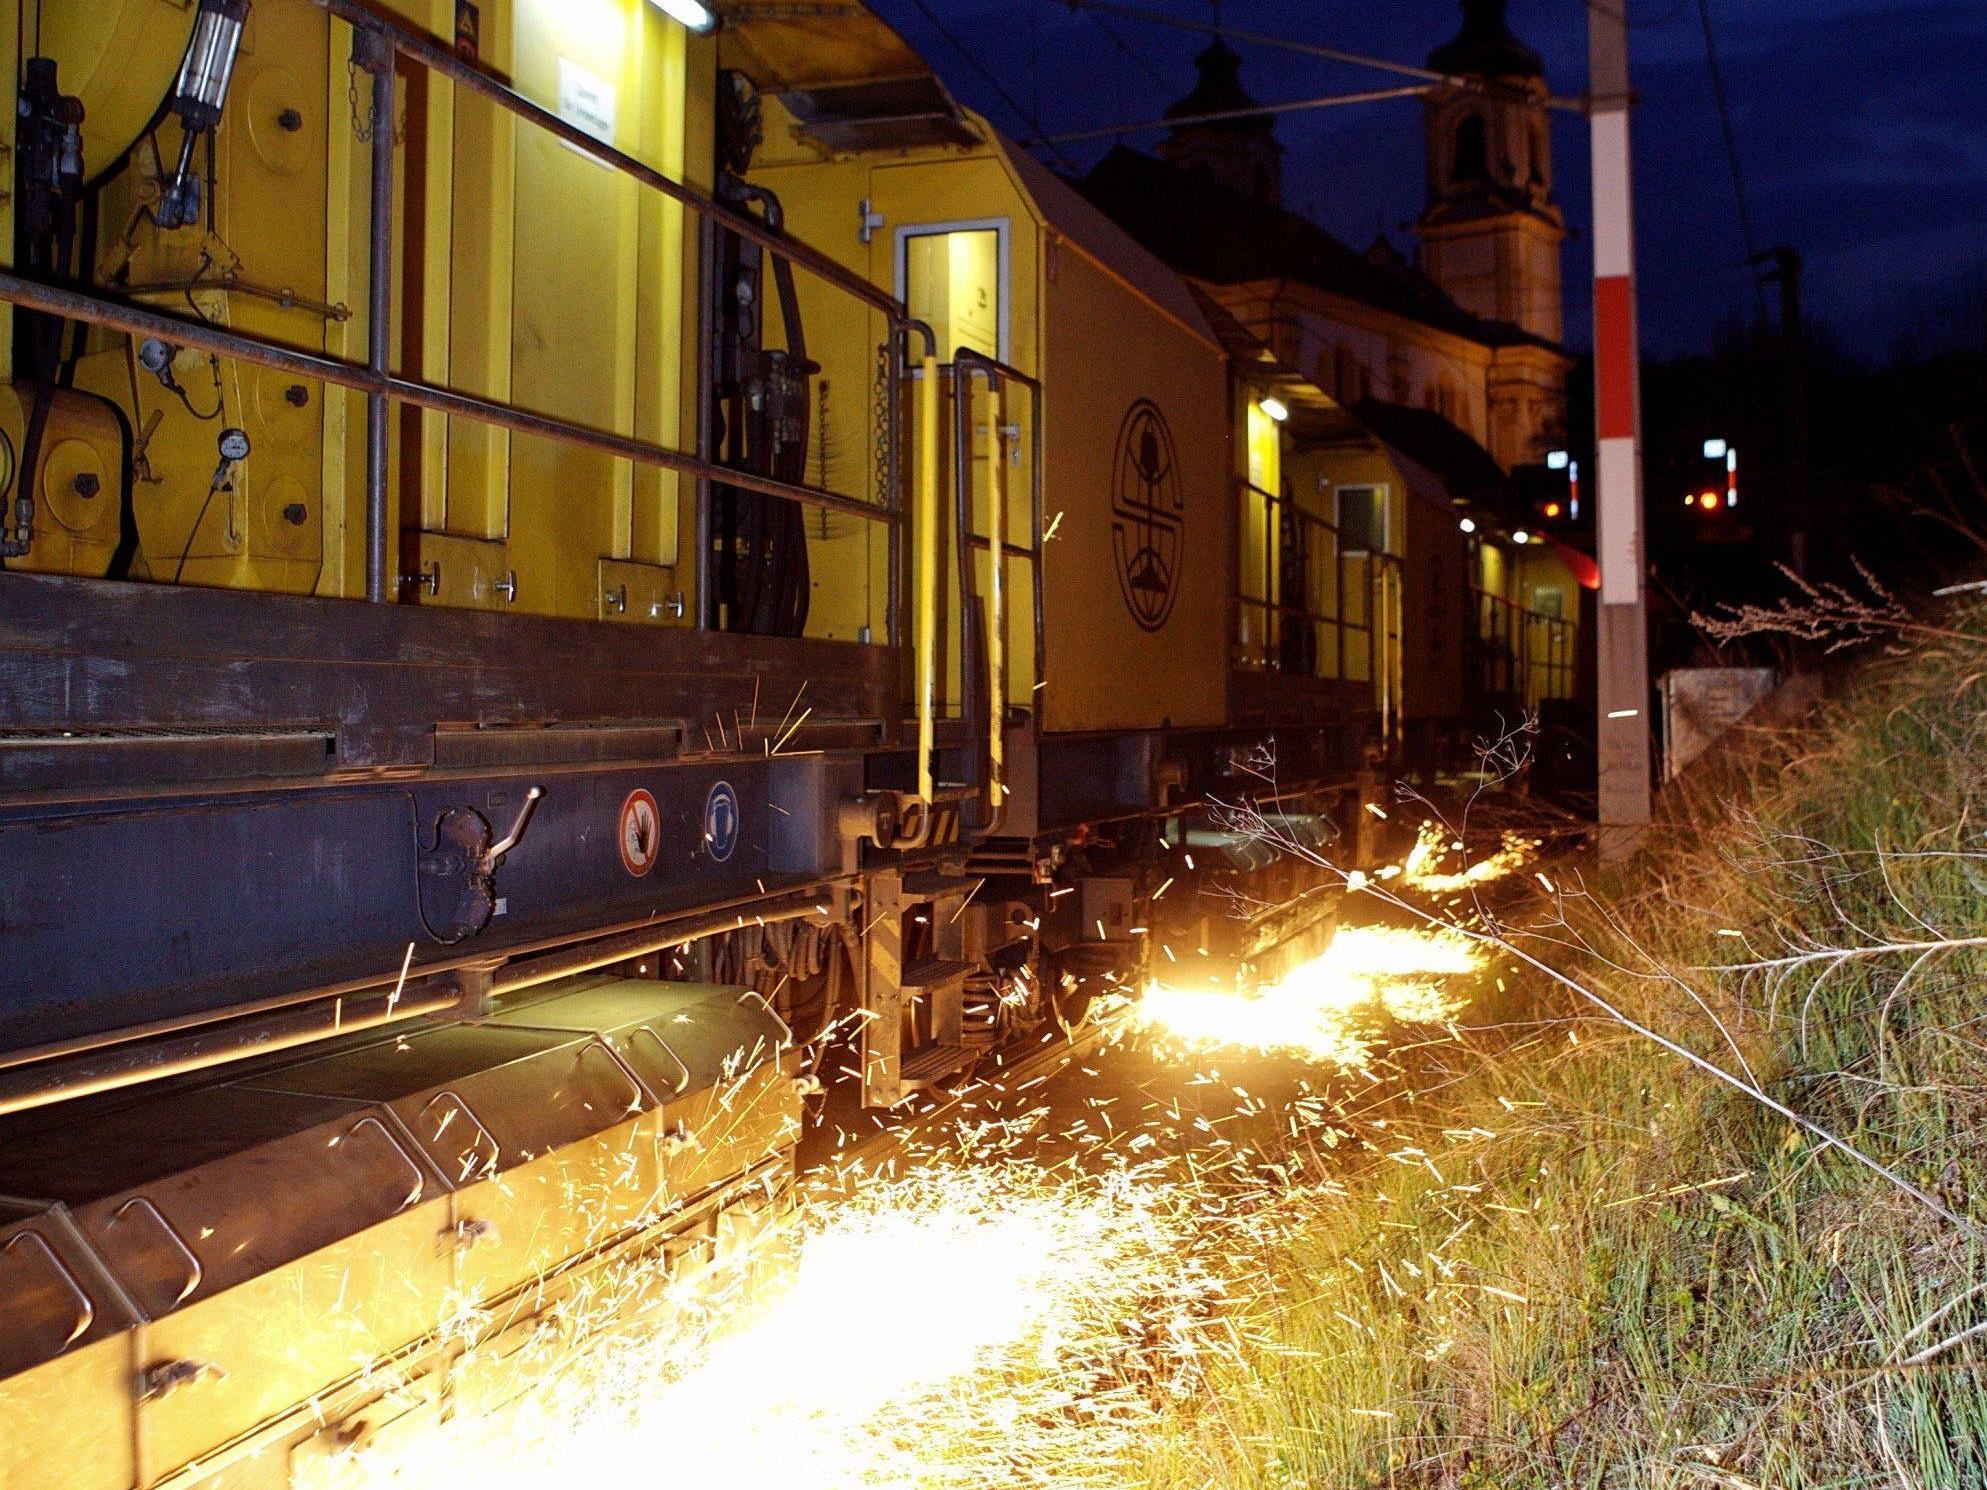 Von 5. bis 14. August ist der Schienenschleifzug in Vorarlberg hauptsächlich während der Nachtstunden unterwegs.